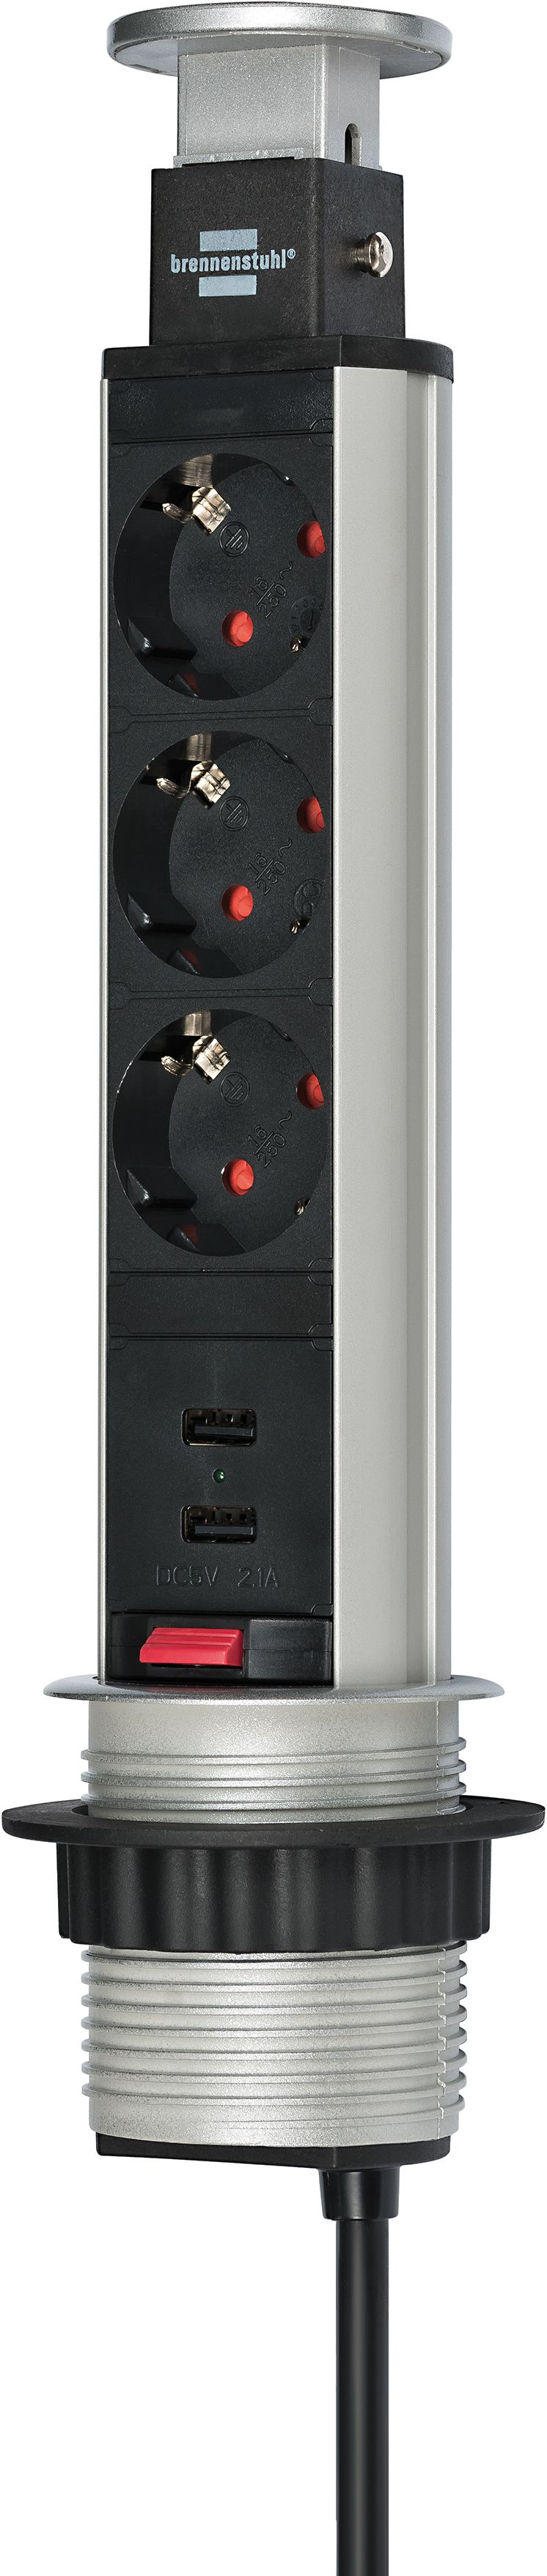 Tower Power USB-Charger Tischsteckdosenleiste 3-fach mit 2 USB Ladebuchsen 2m H05VV-F 3G1,5, in Tischplatte versenkbar